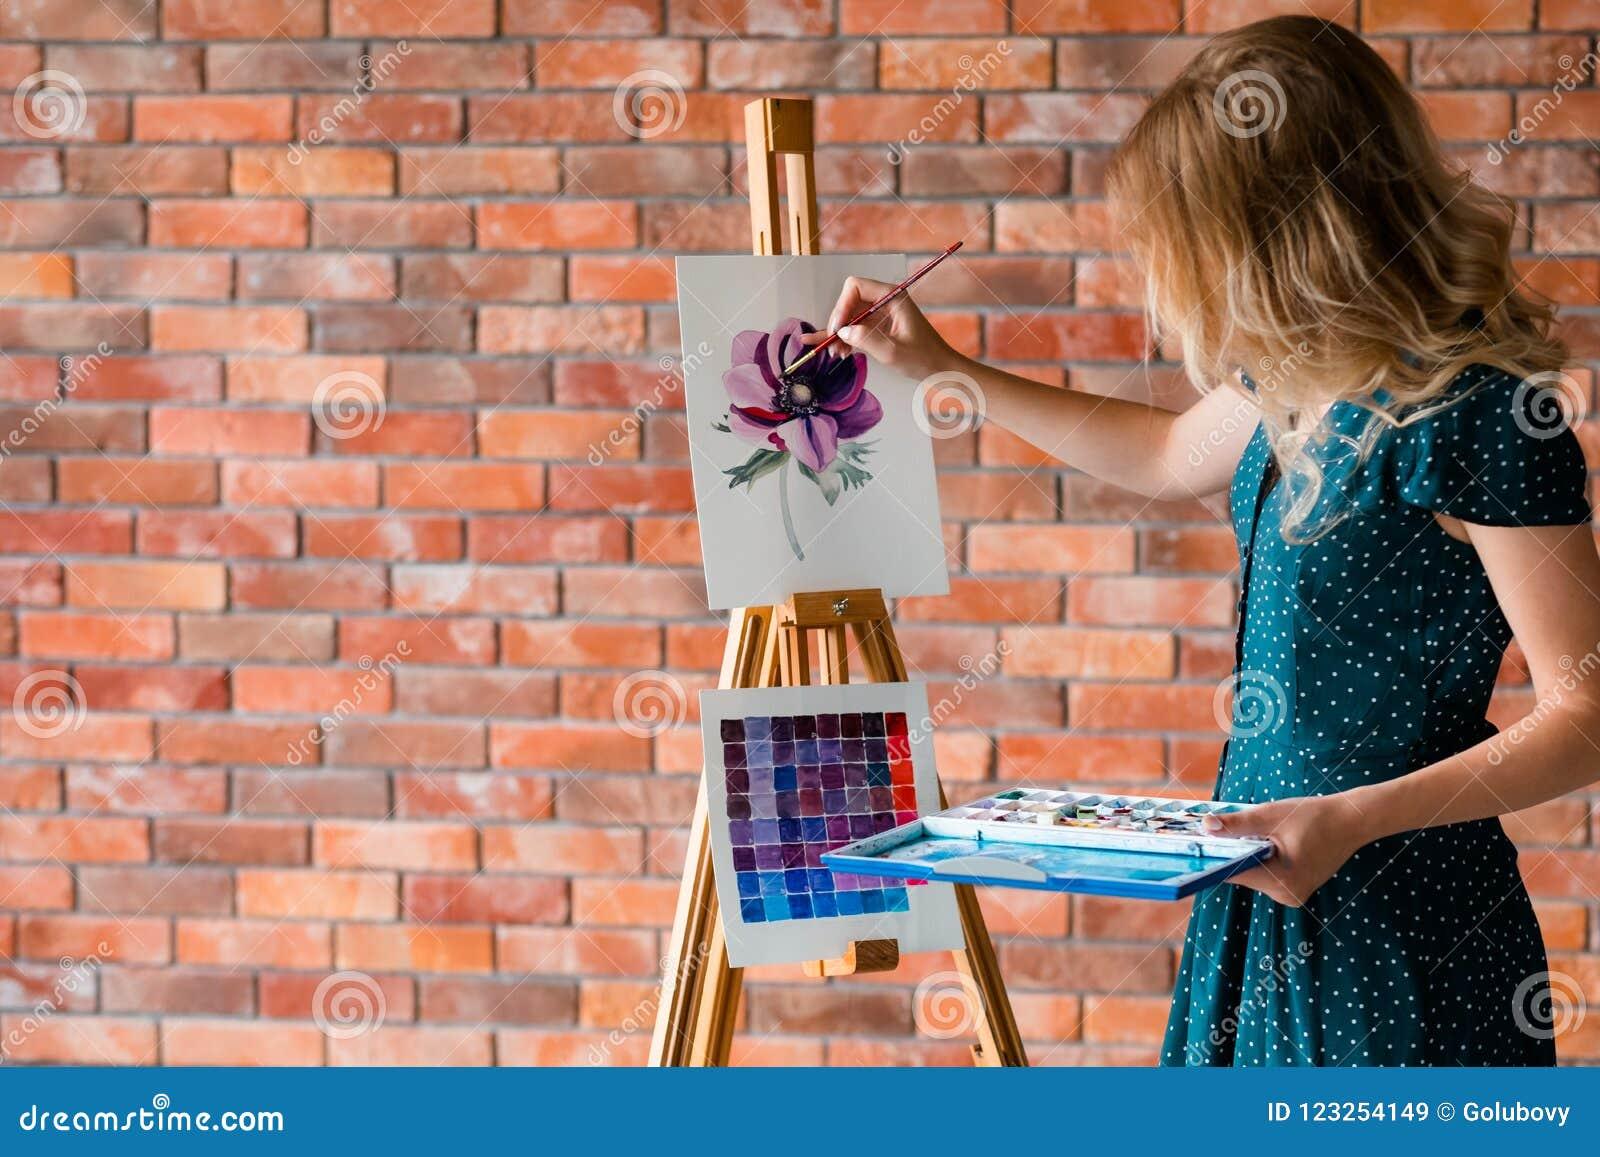 Sztuka obrazu hobby czasu wolnego dziewczyny rysunku obrazek